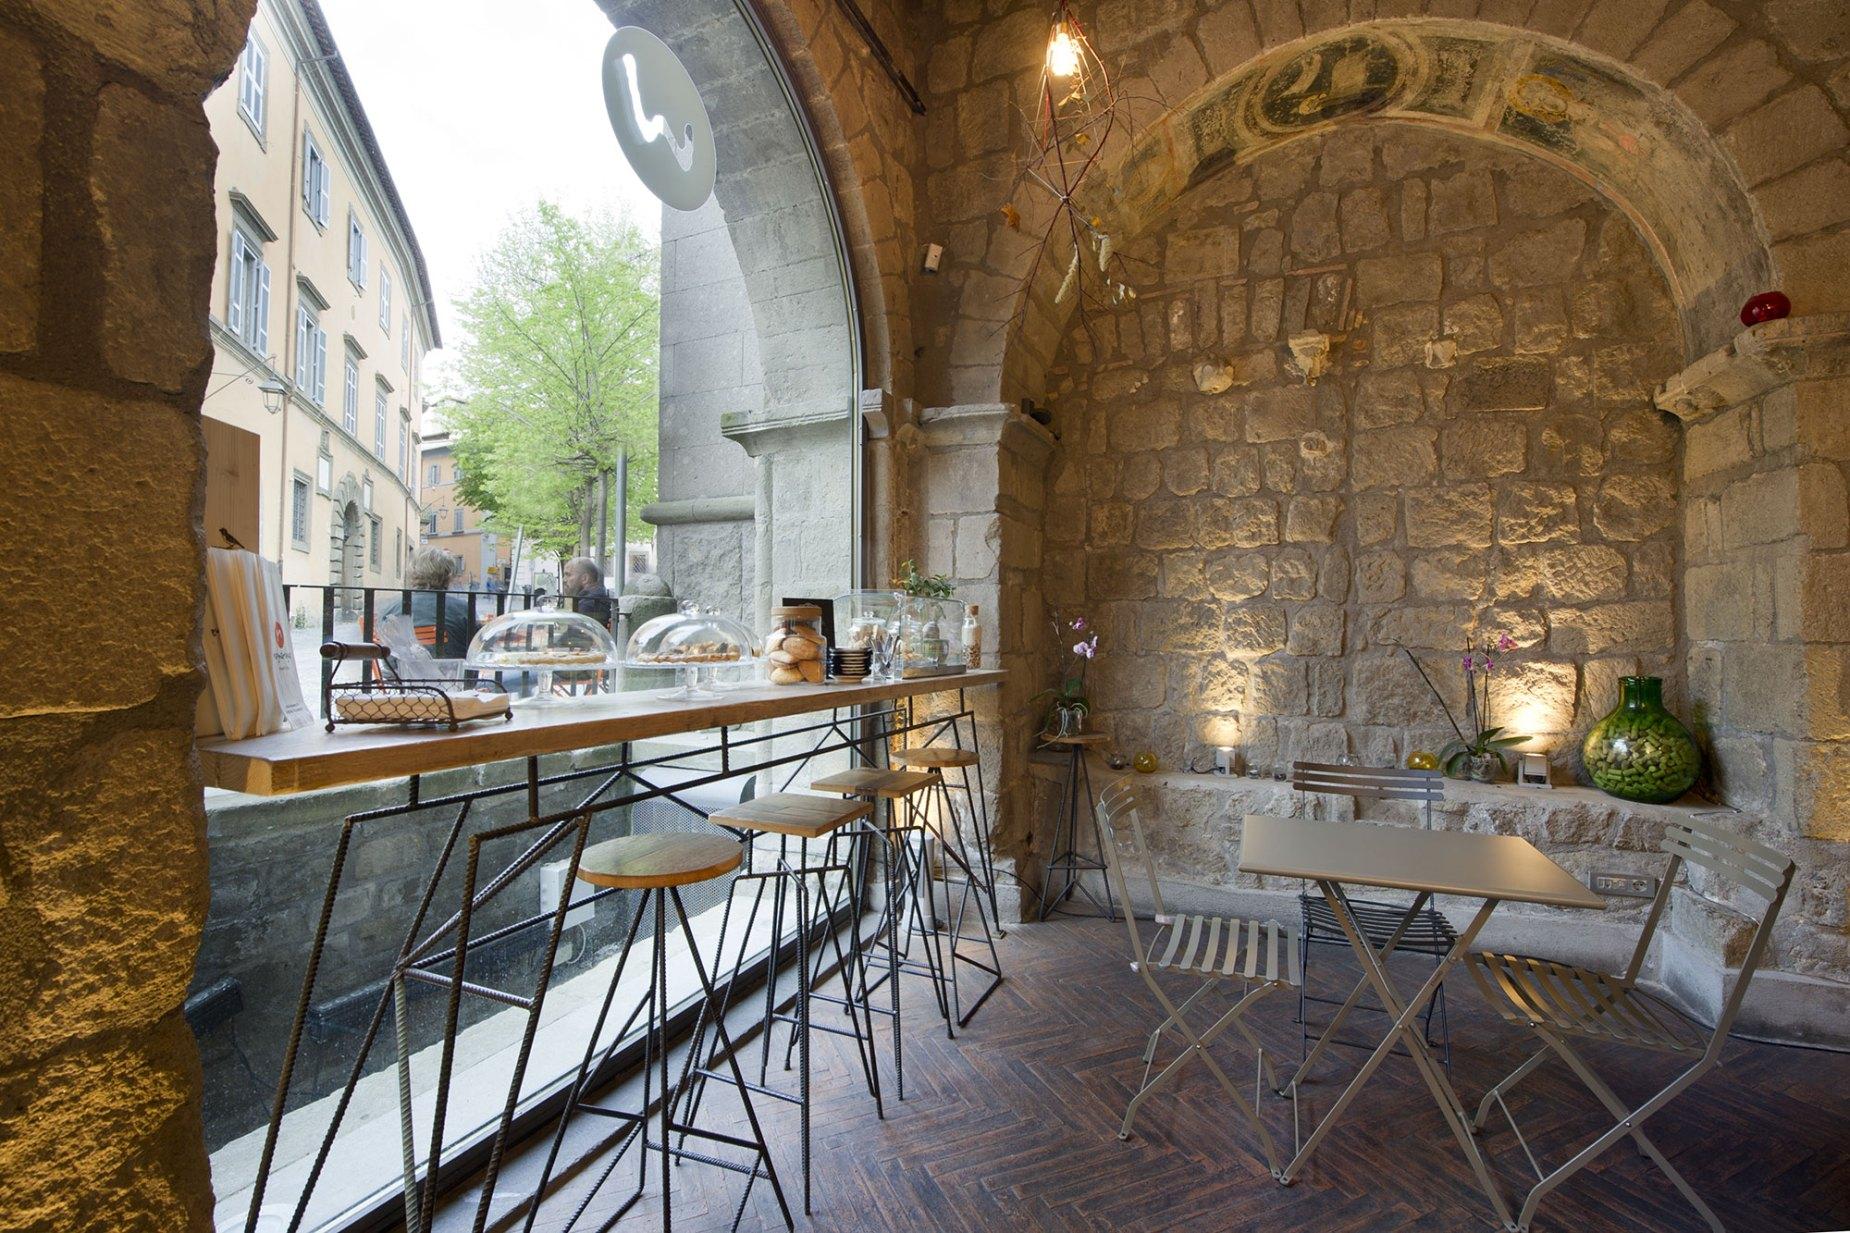 Sgabelli Colorati Interior Design.L Arredamento Per Un Bar In Centro Storico